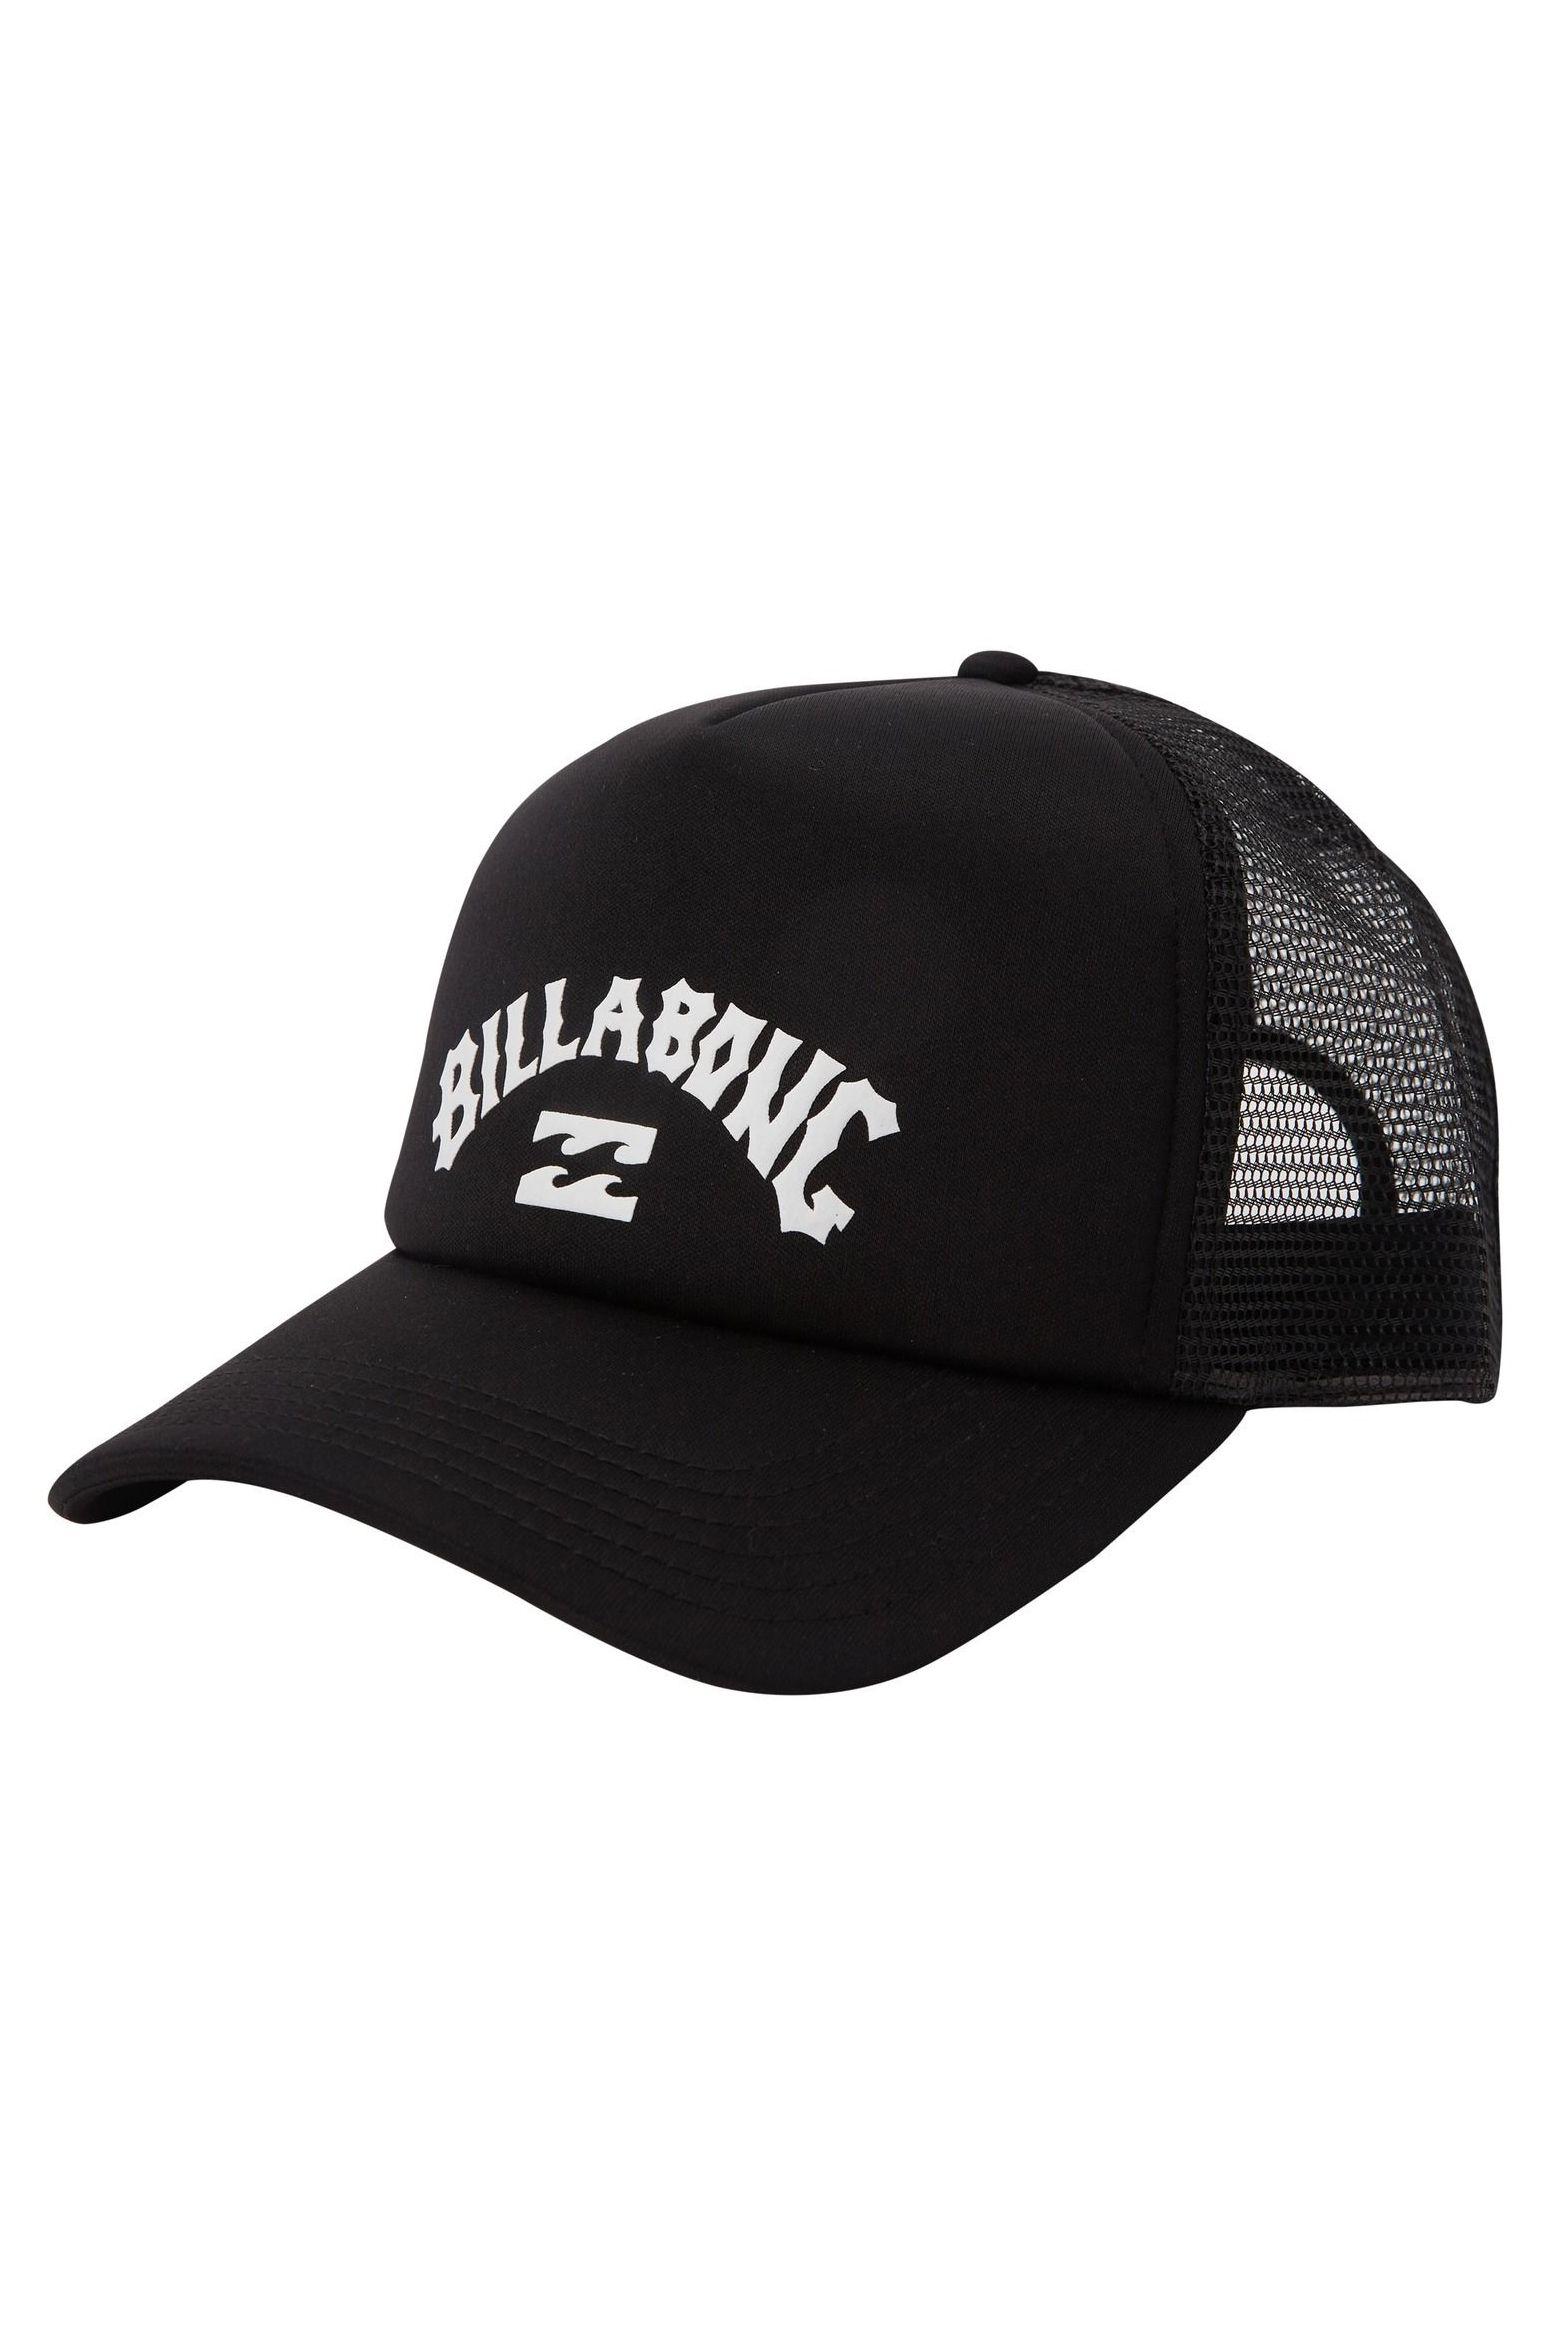 Billabong Cap   PODIUM TRUCKER Black